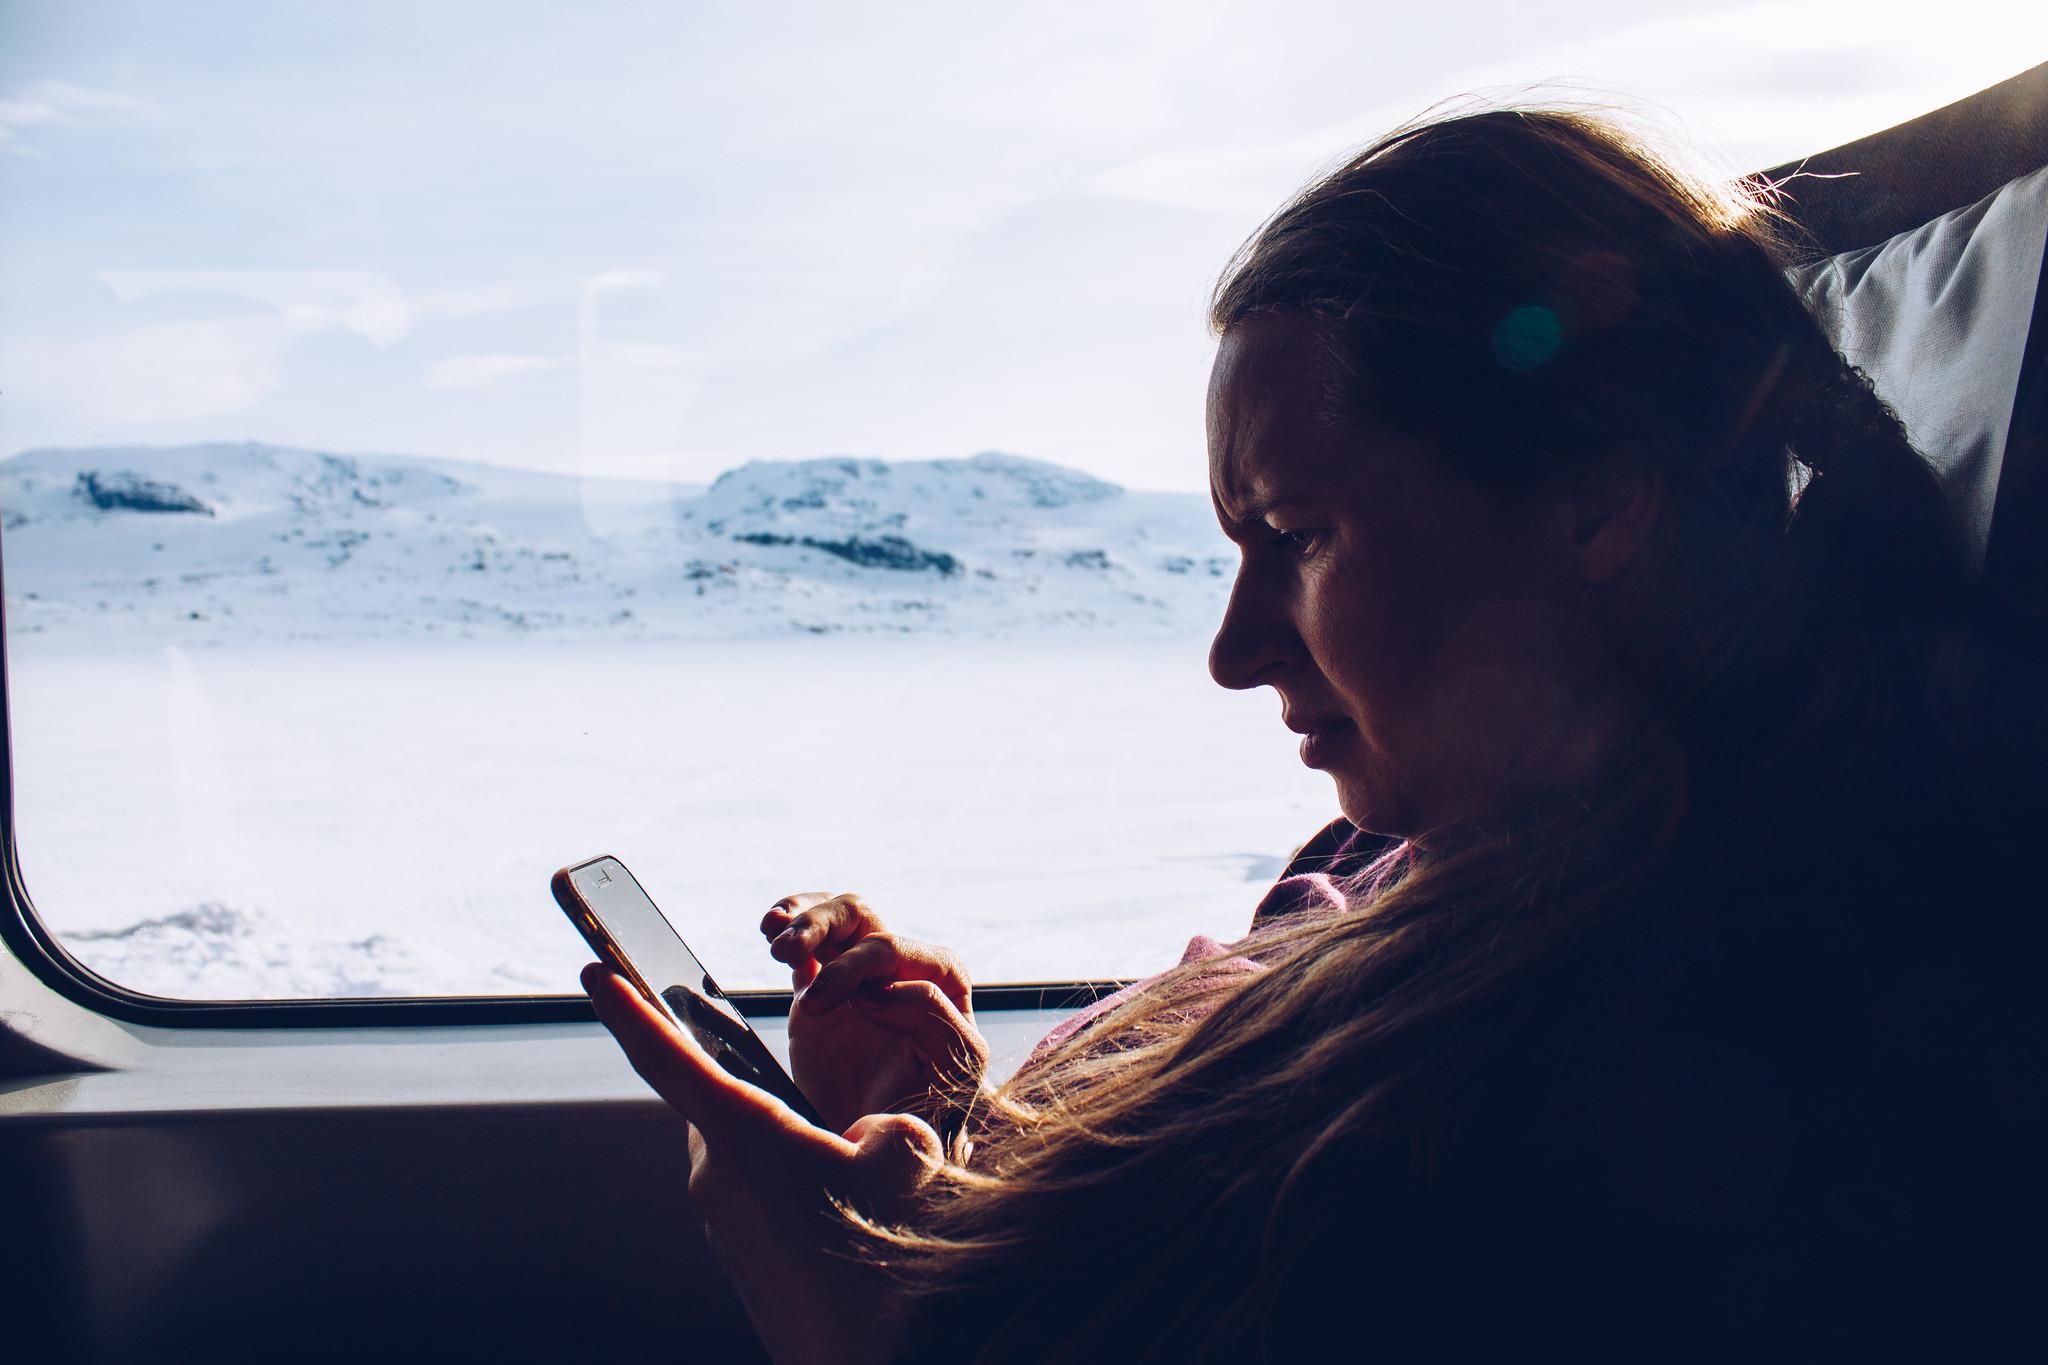 Linda resa medvetet - reaktionista.se